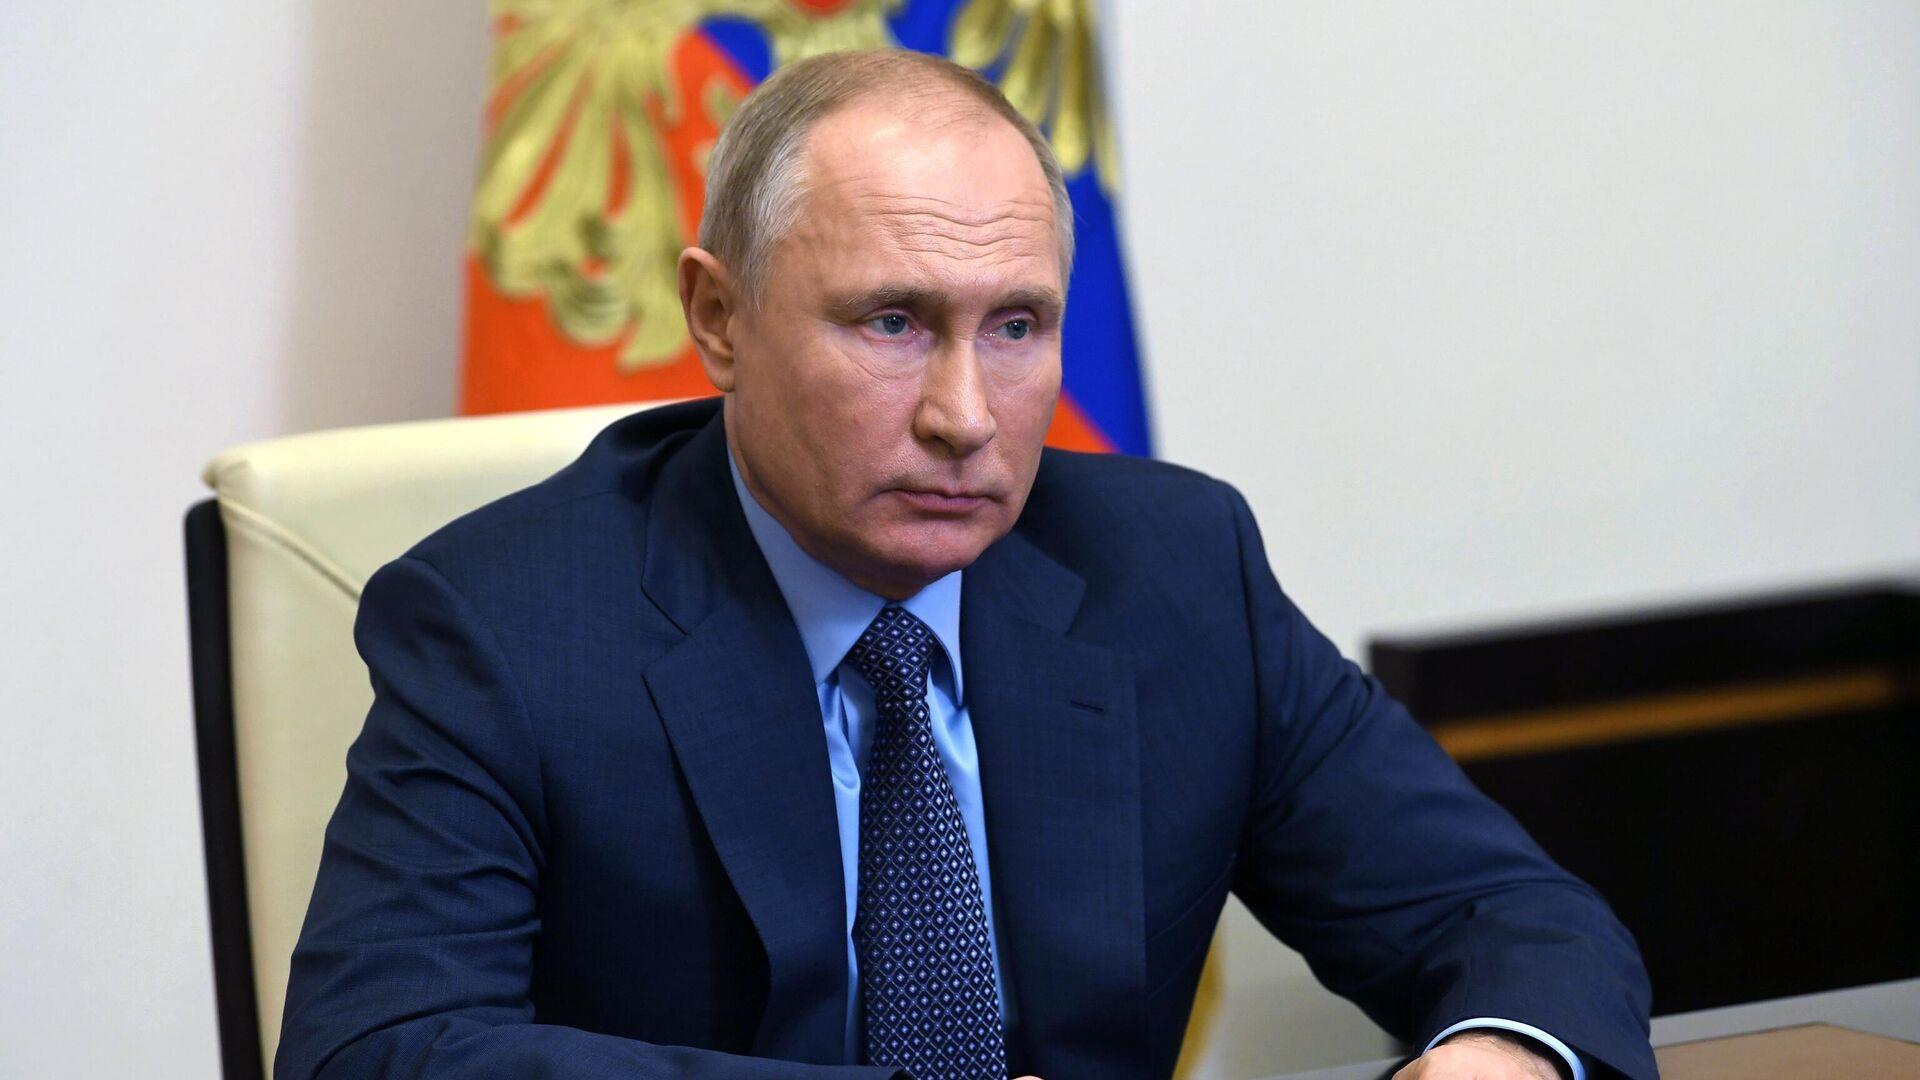 Госдума приняла закон об участии физлиц-иноагентов в выборах